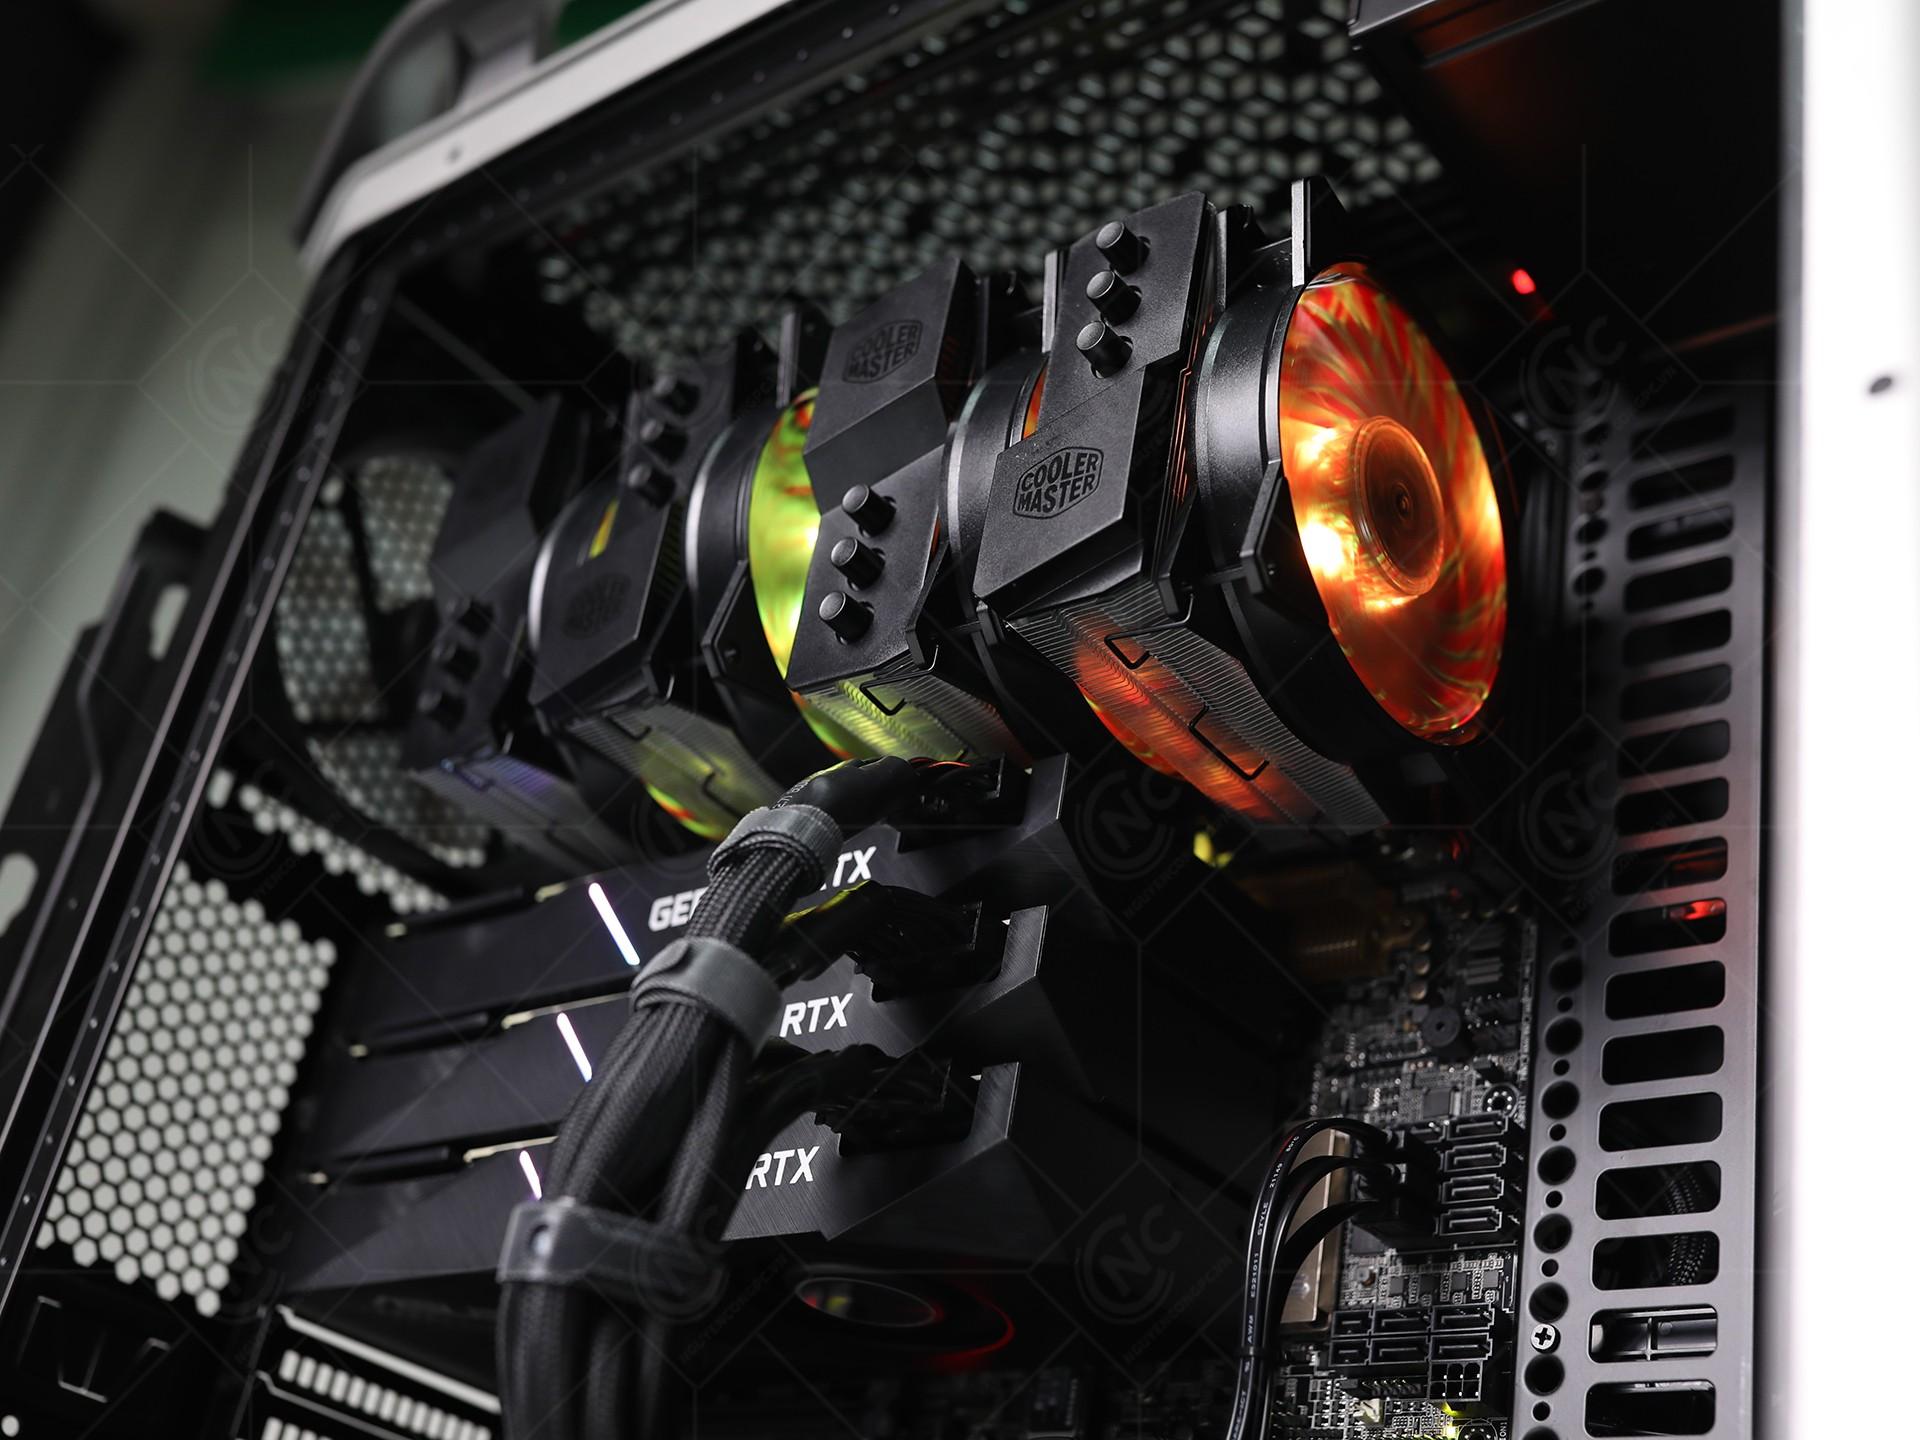 2 x Cooler Master Masterair MA620P RGB